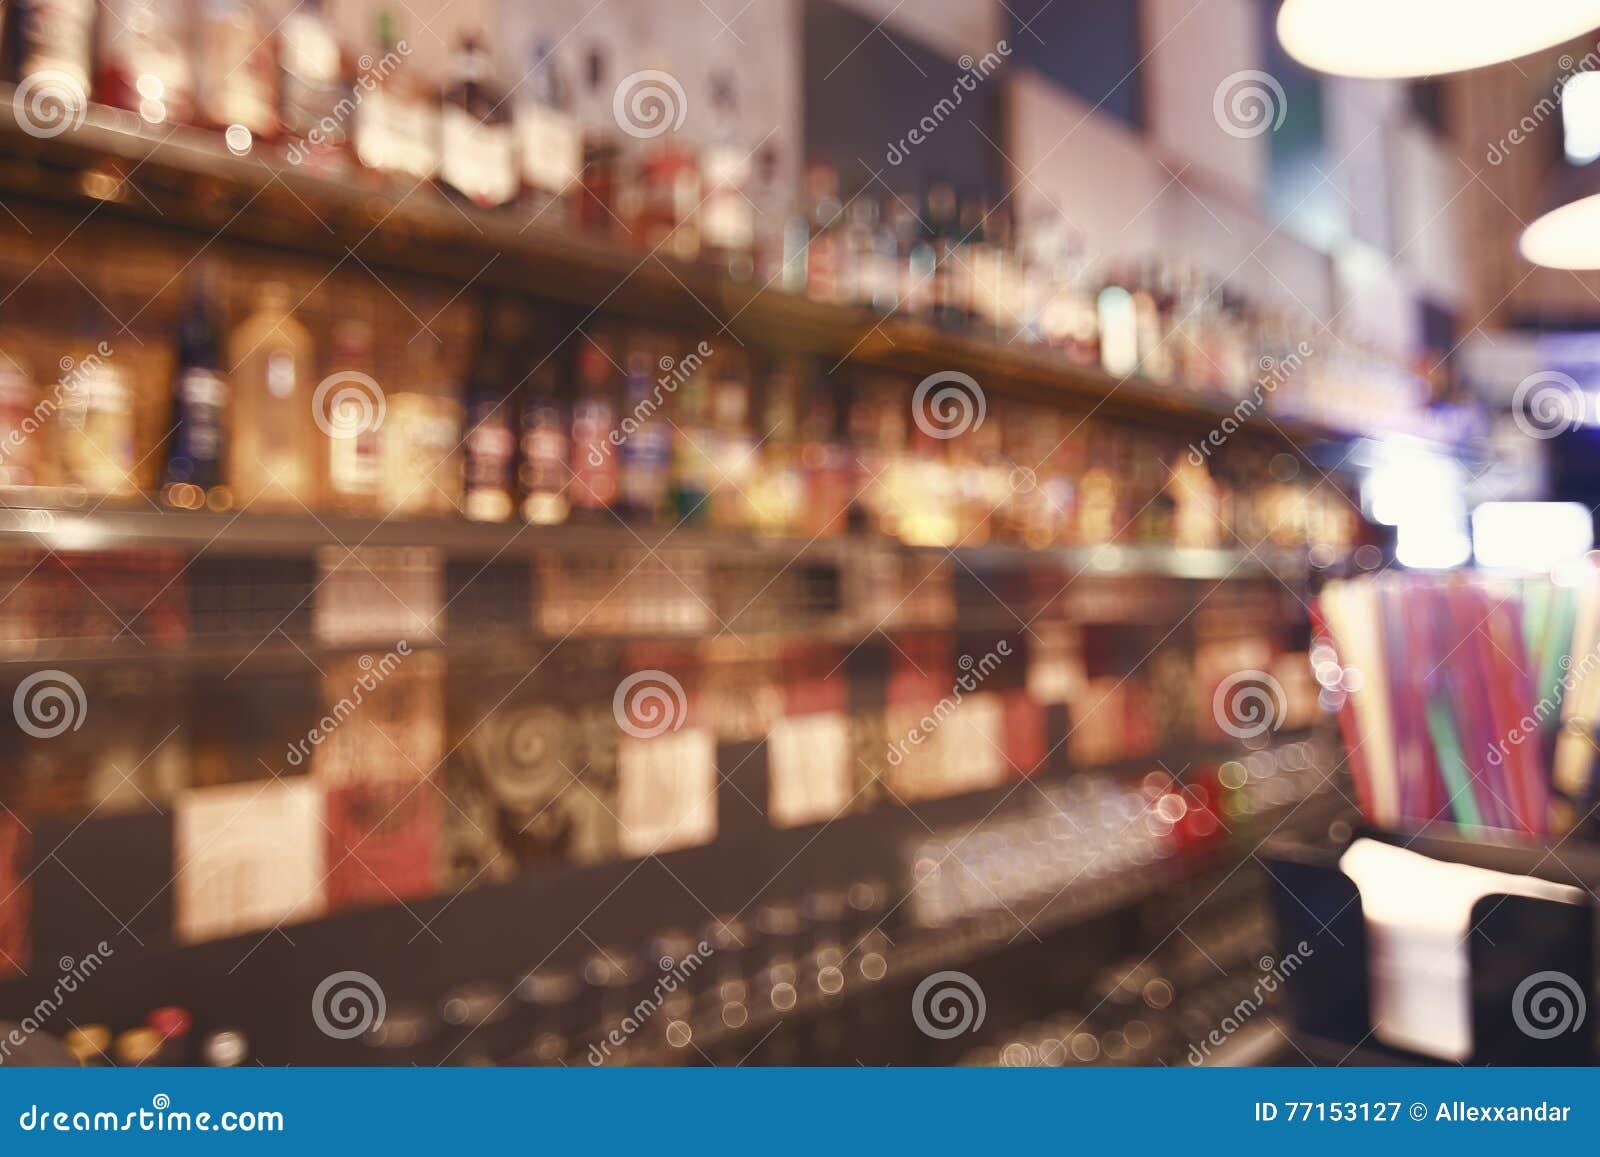 Brouillé de retour barrez Bouteilles de spiritueux et boisson alcoolisée au bar Bureau brouillé dans la barre